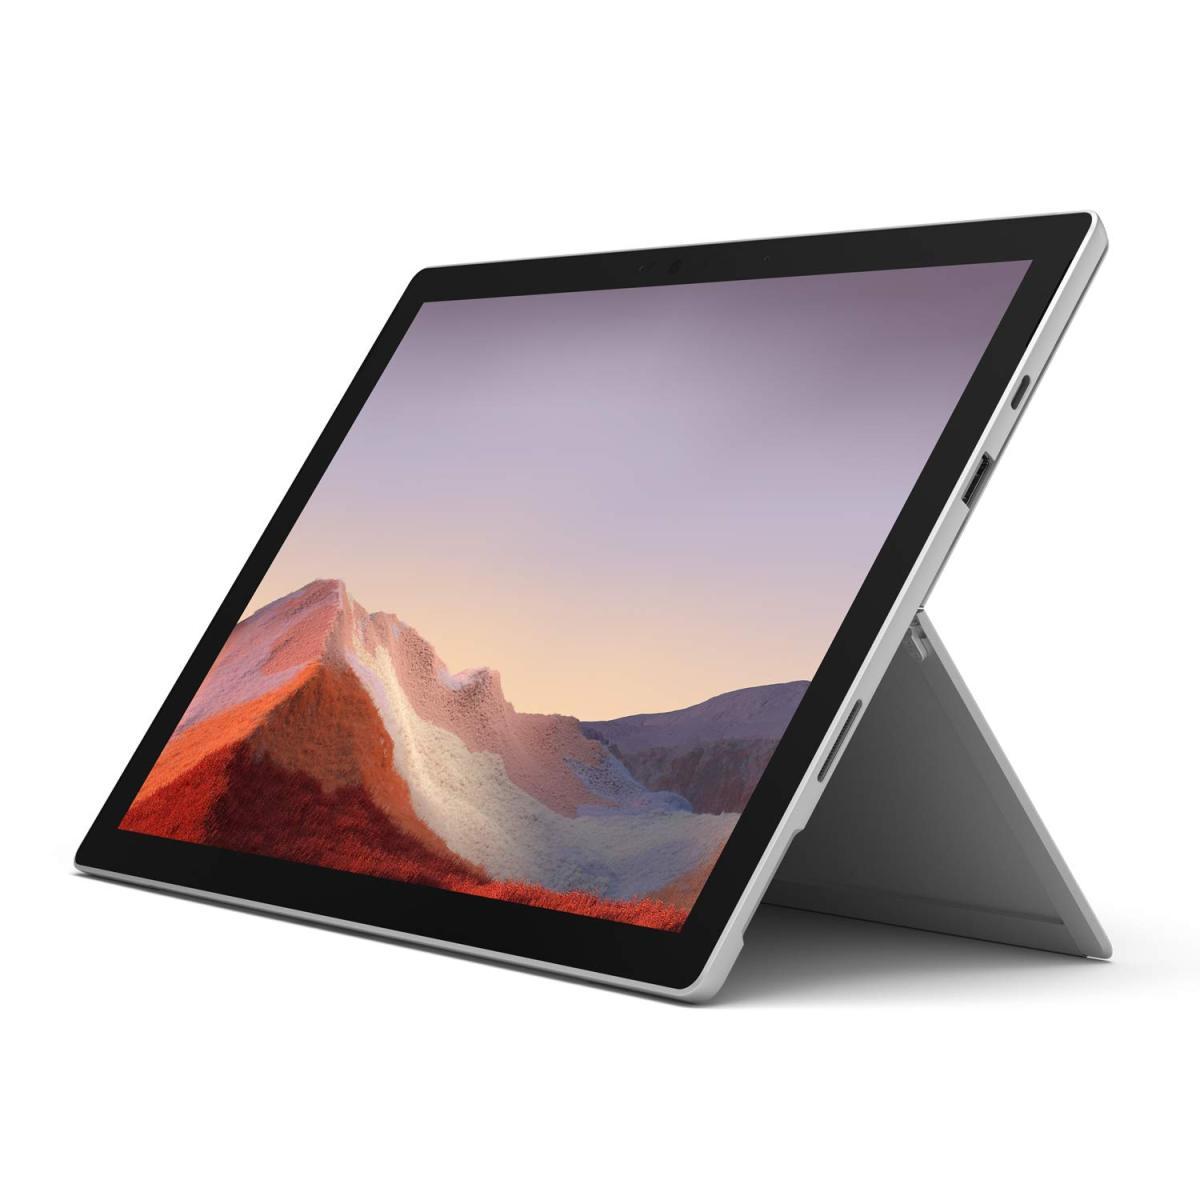 Surface Pro 7 12.3インチ Core i5 メモリー8GB ストレージ128GB プラチナ VDV-00014の商品画像|ナビ